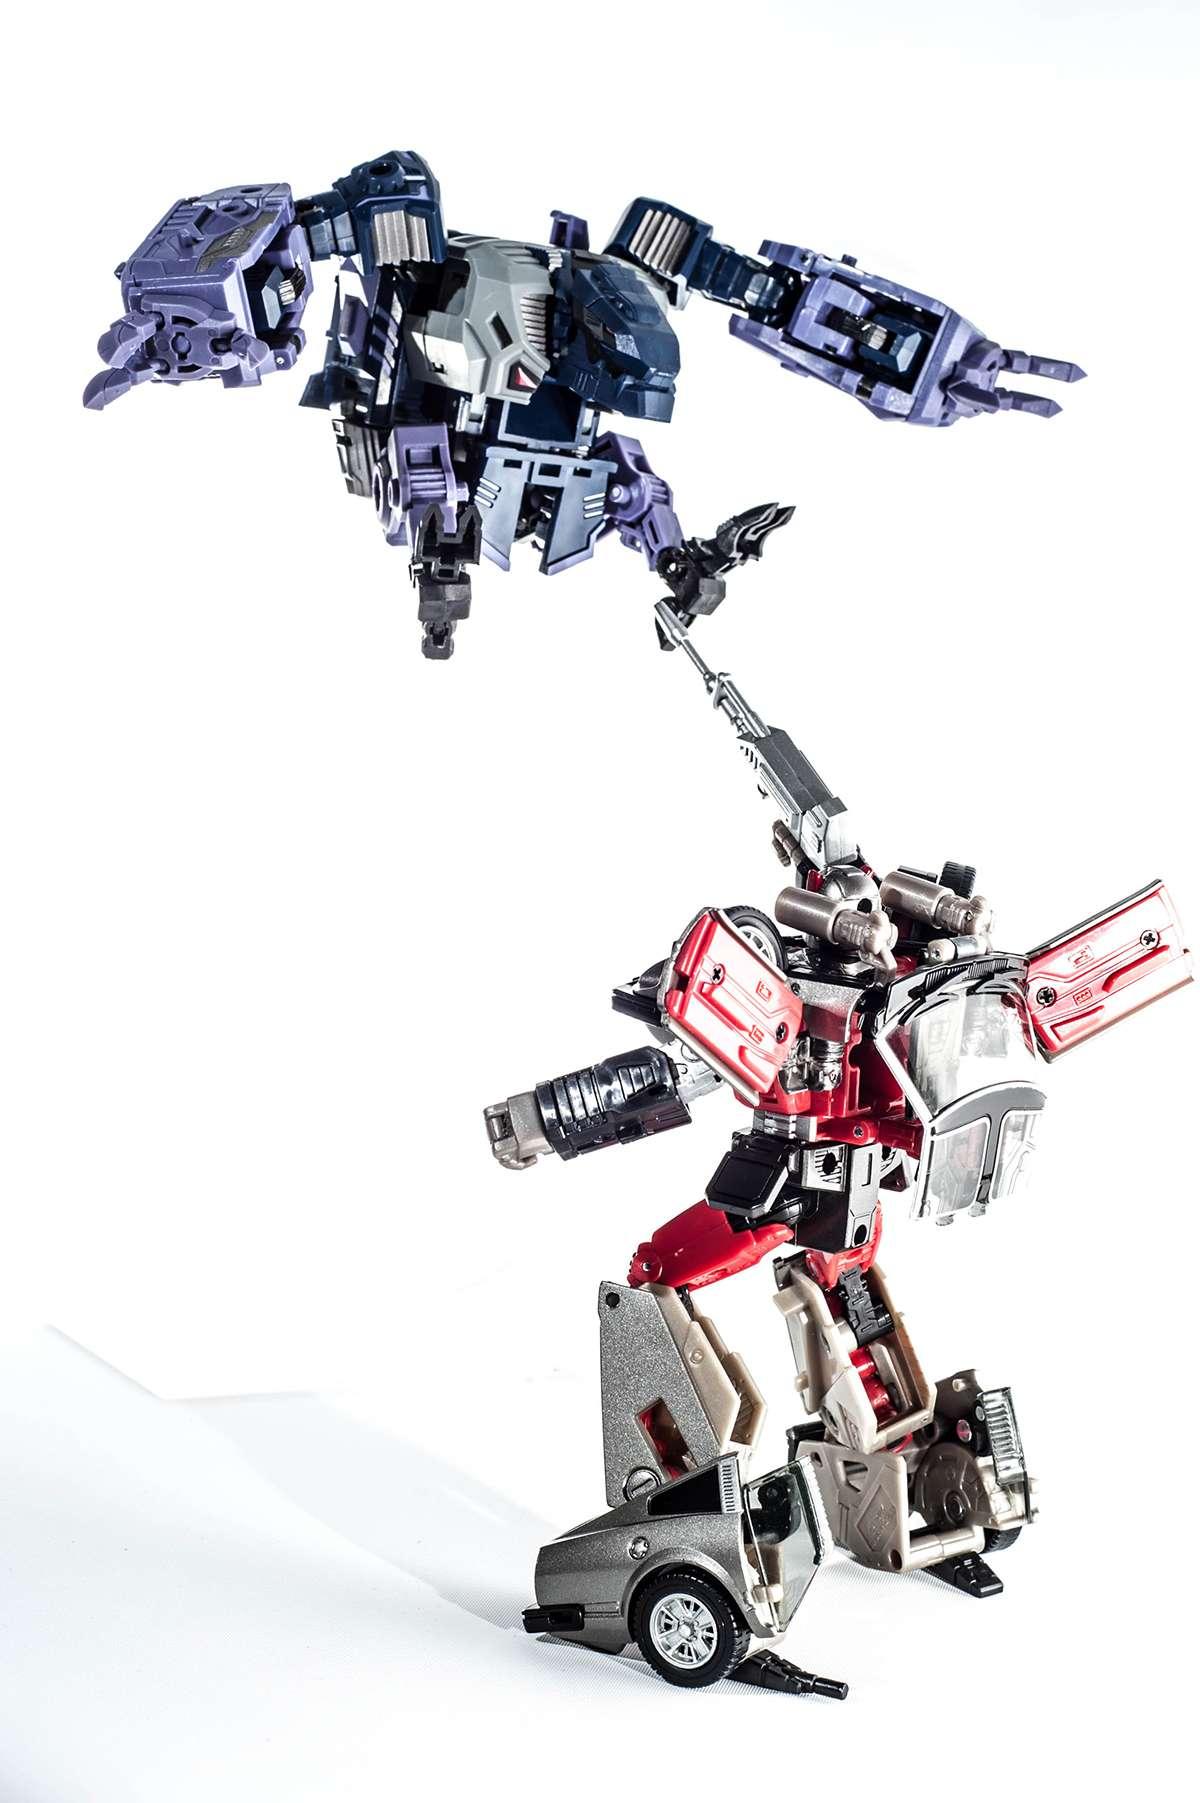 blot troll ordin unique toys terrorcons terrorcon abominus transformers hasbro g1 masterpiece mp comparison bluestreak